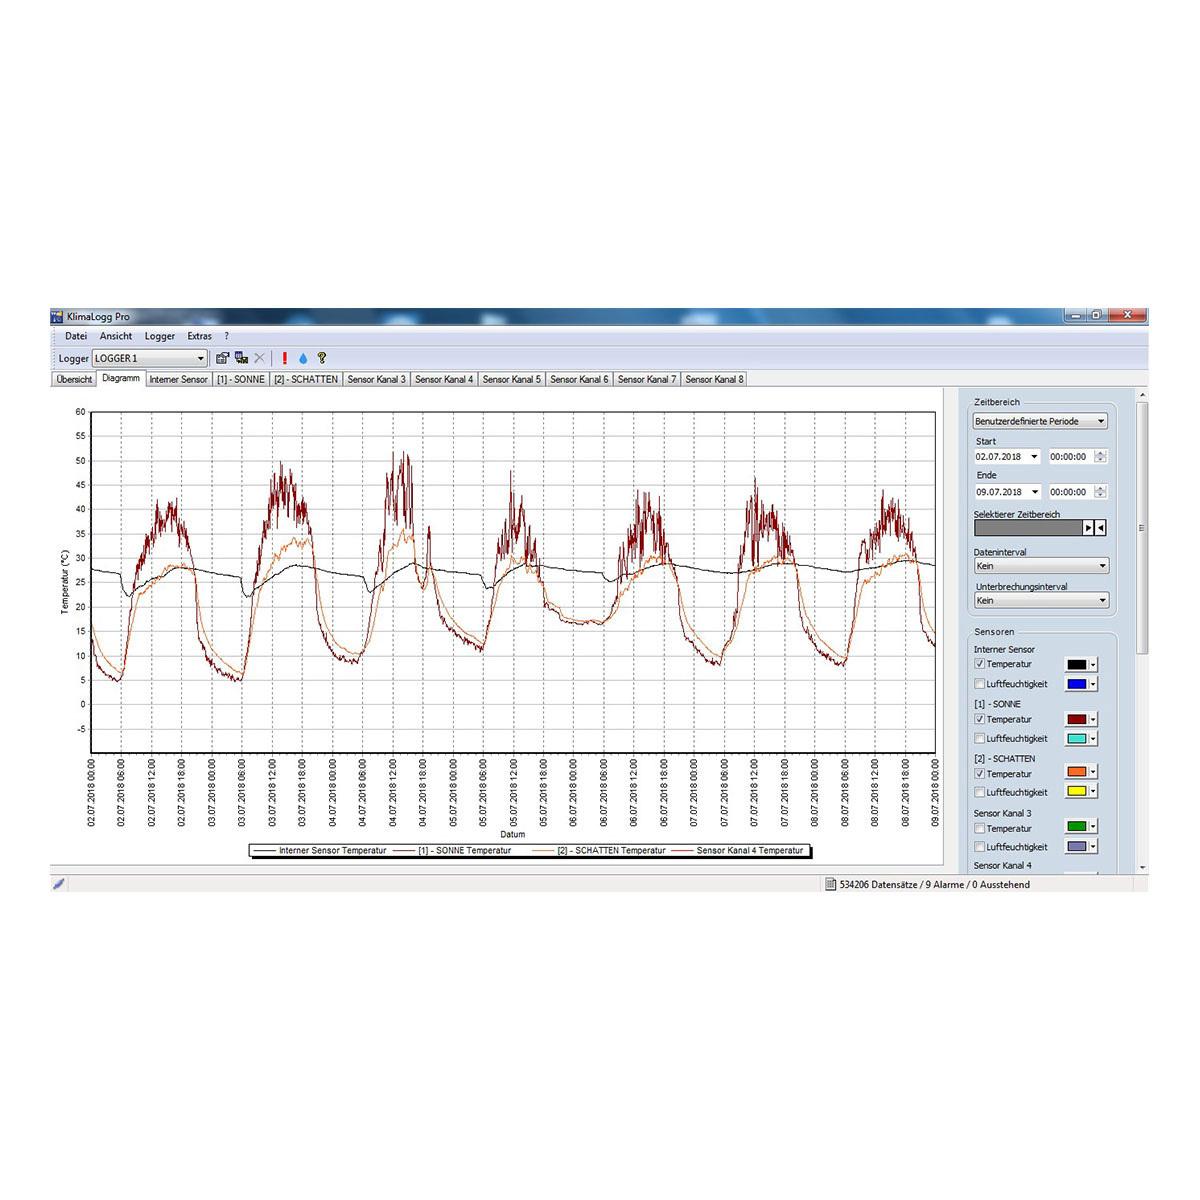 30-3039-it-profi-thermo-hygrometer-mit-datenlogger-funktion-klimalogg-pro-pc-anwendung-1200x1200px.jpg